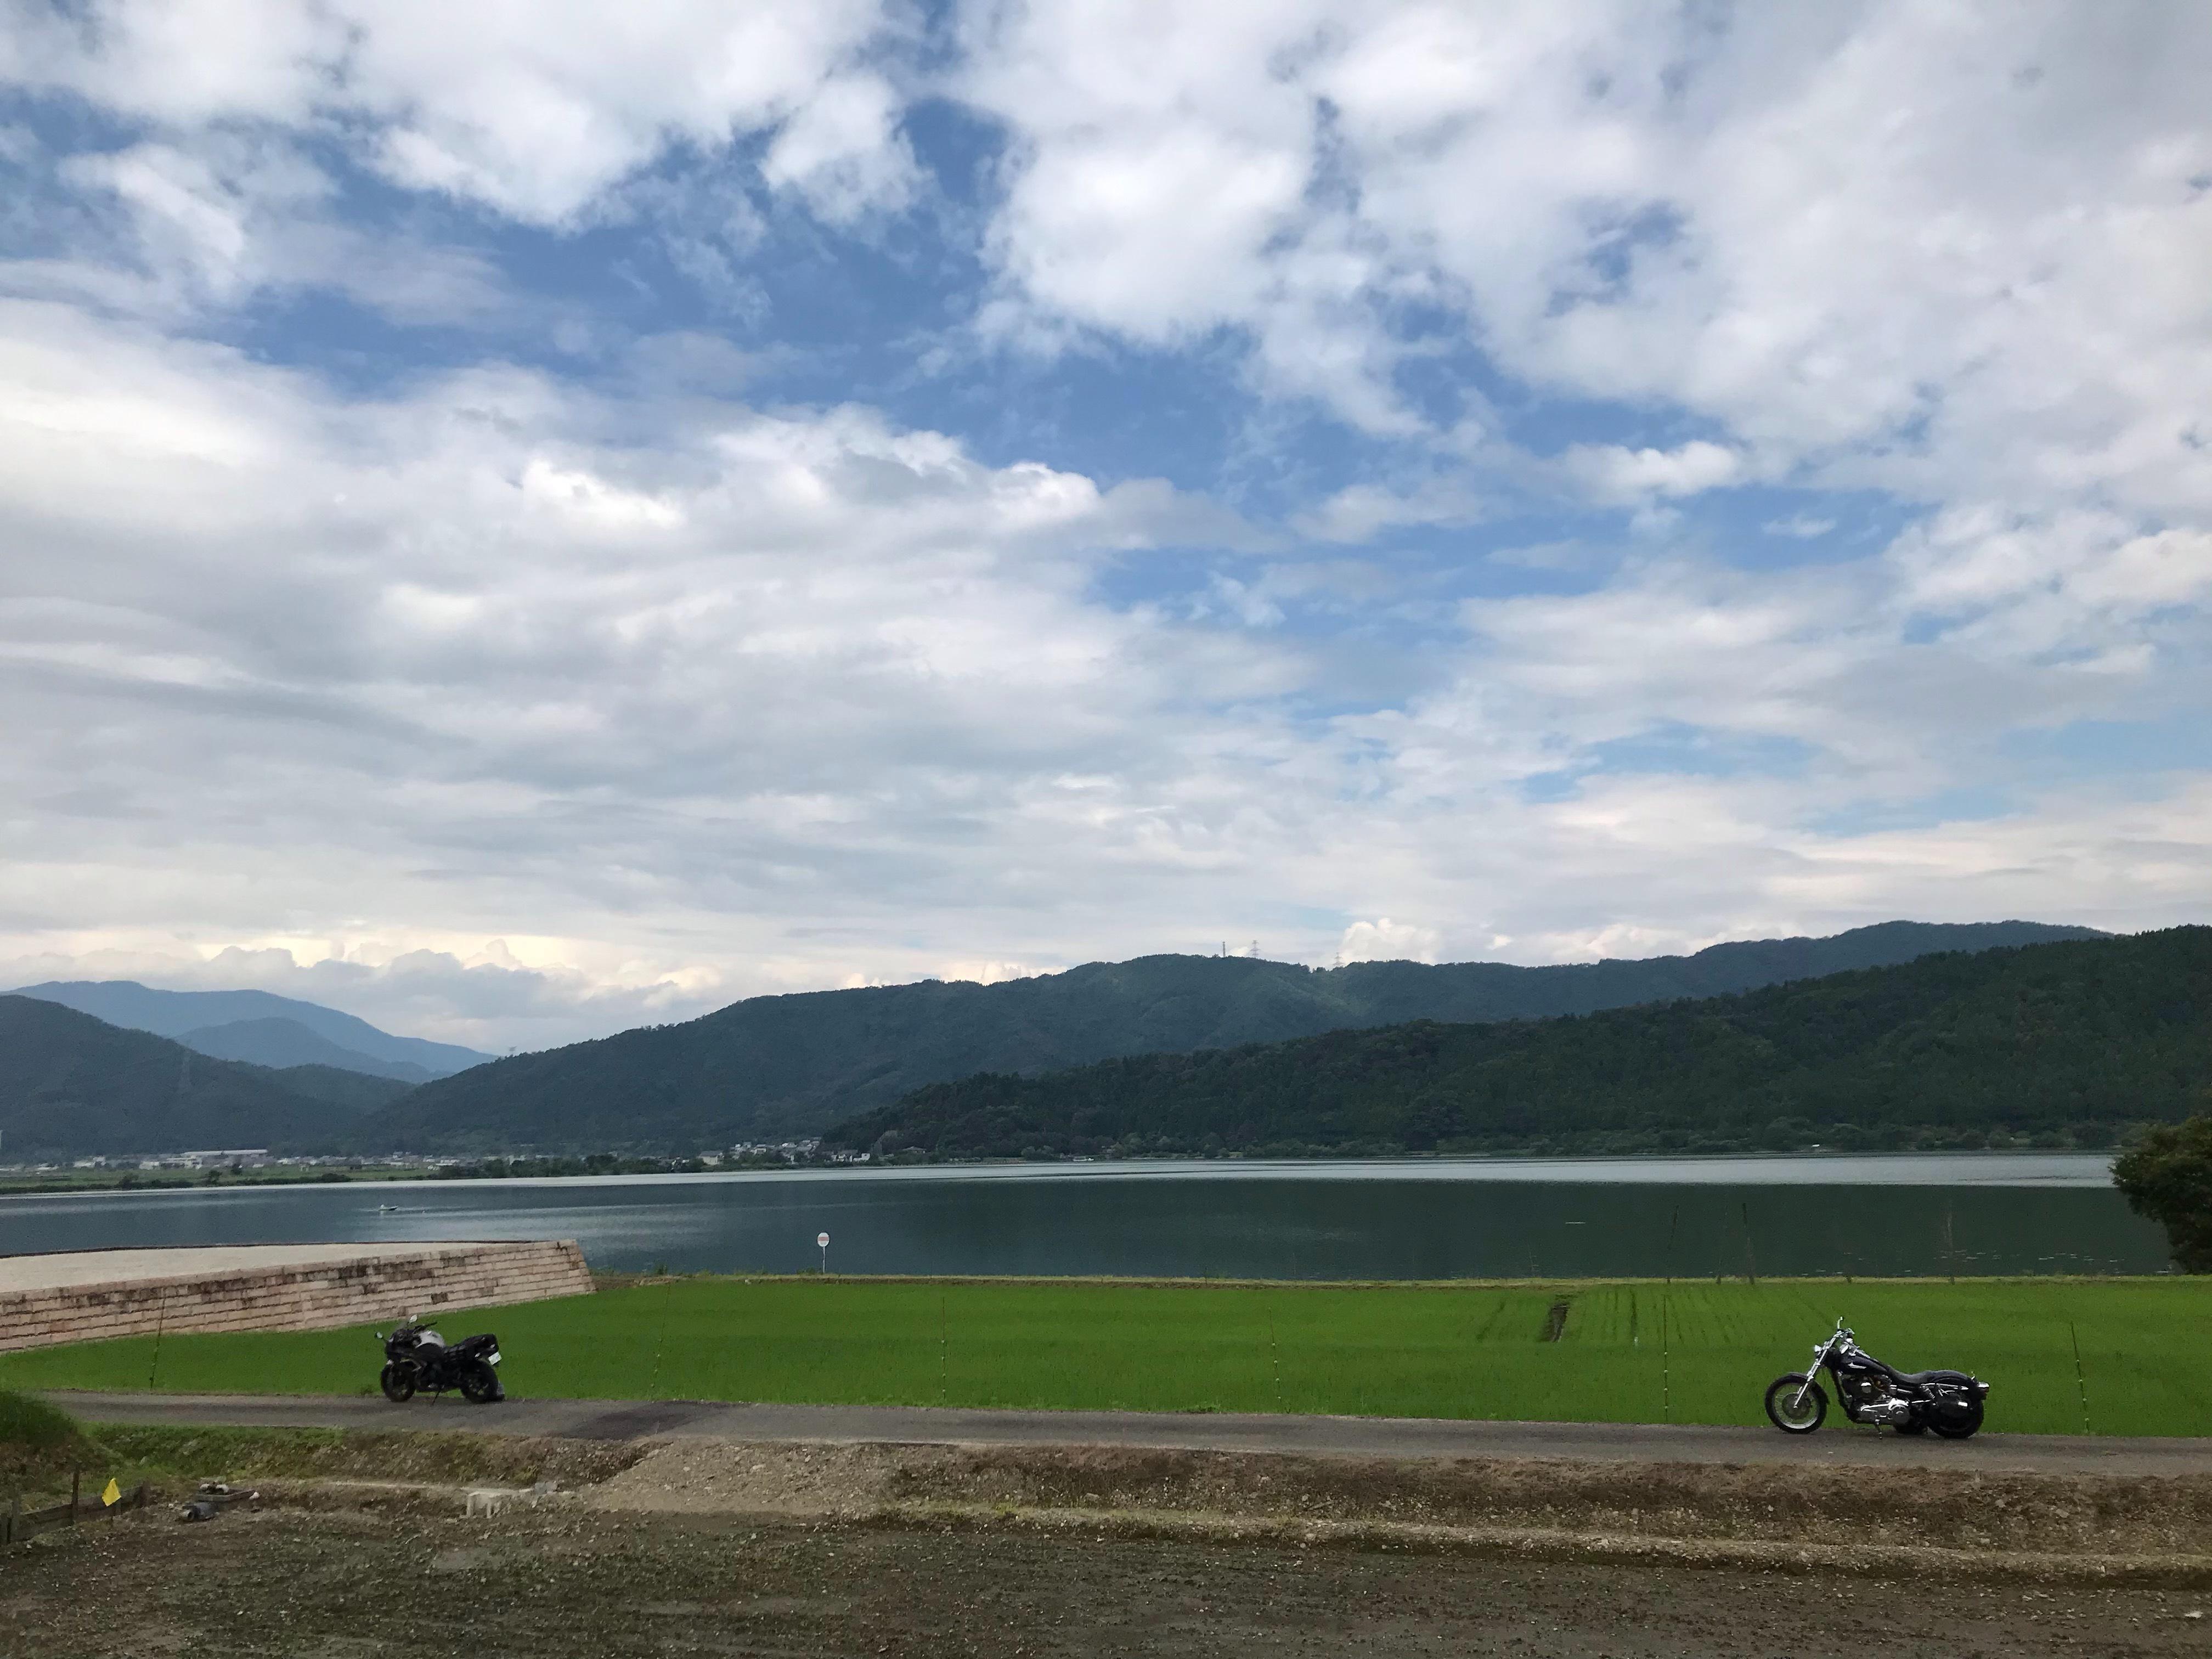 ぴーきちハーレーブログ ビワイチ ヨゴイチツーリング 余呉湖の全景